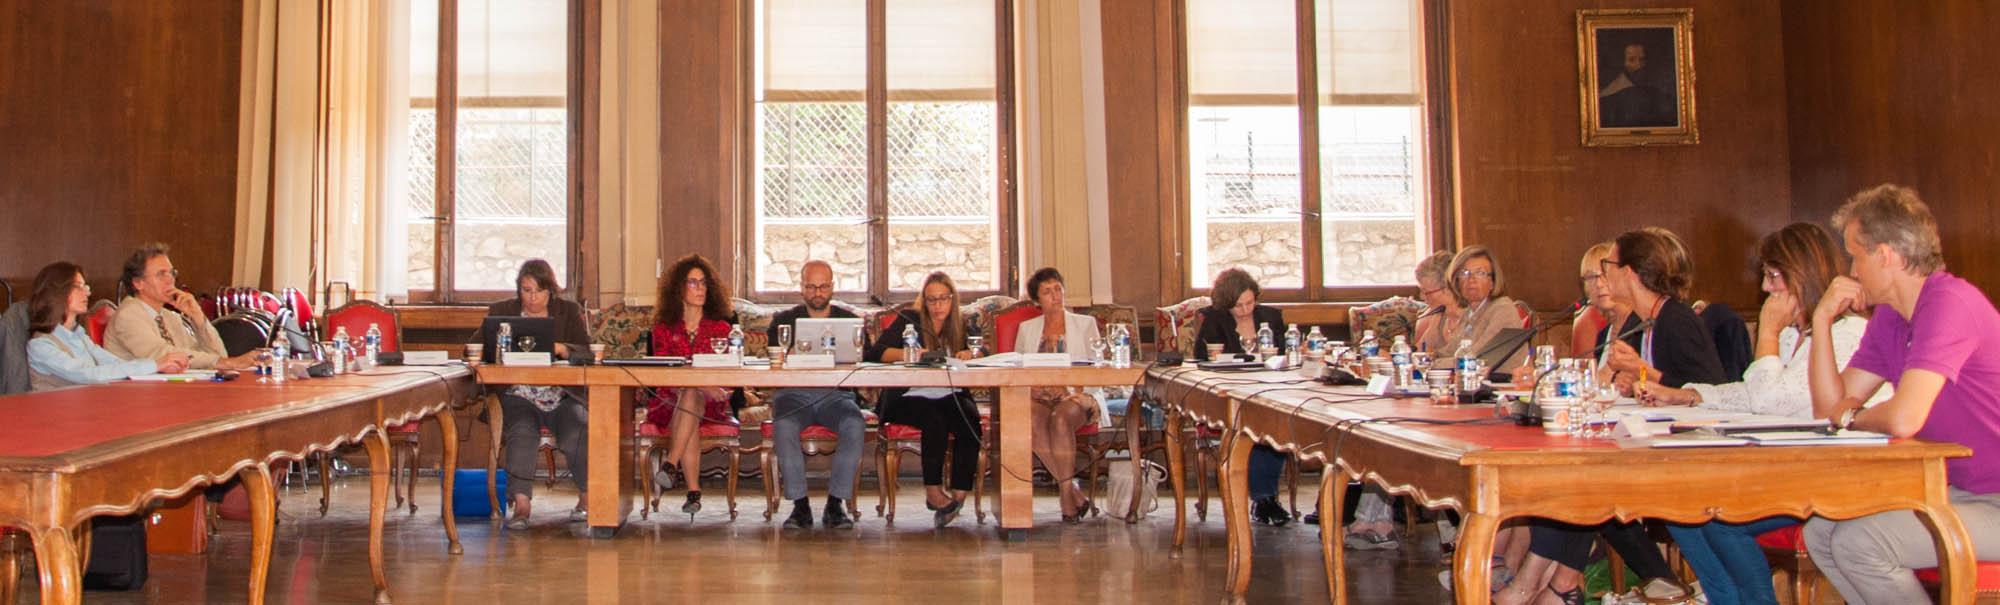 Première réunion d'experts, à Aix-en-Provence le 27 septembre 2016.